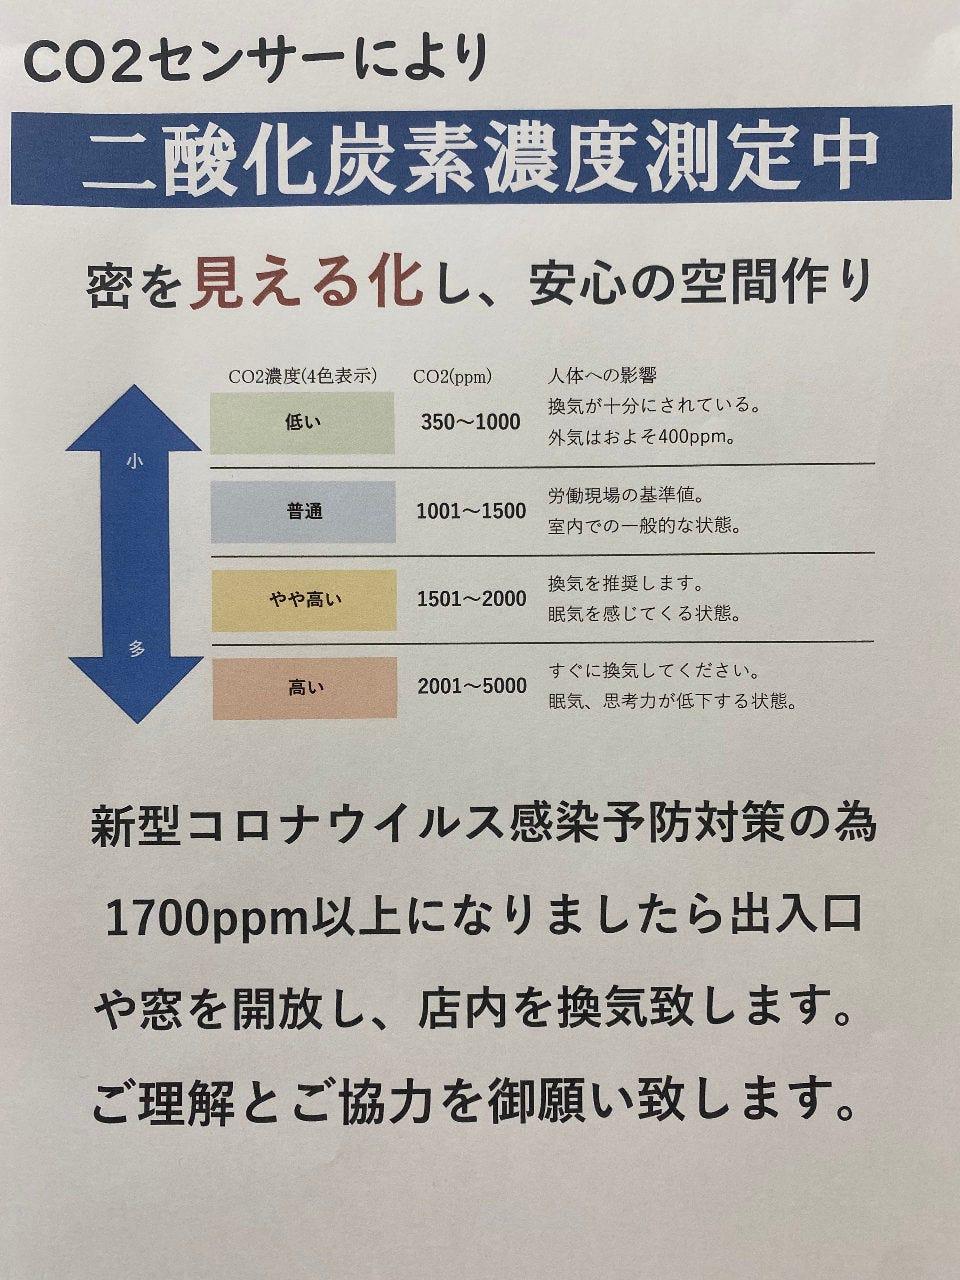 二酸化炭素濃度を測定し、数値に合わせ店内の空気を管理します